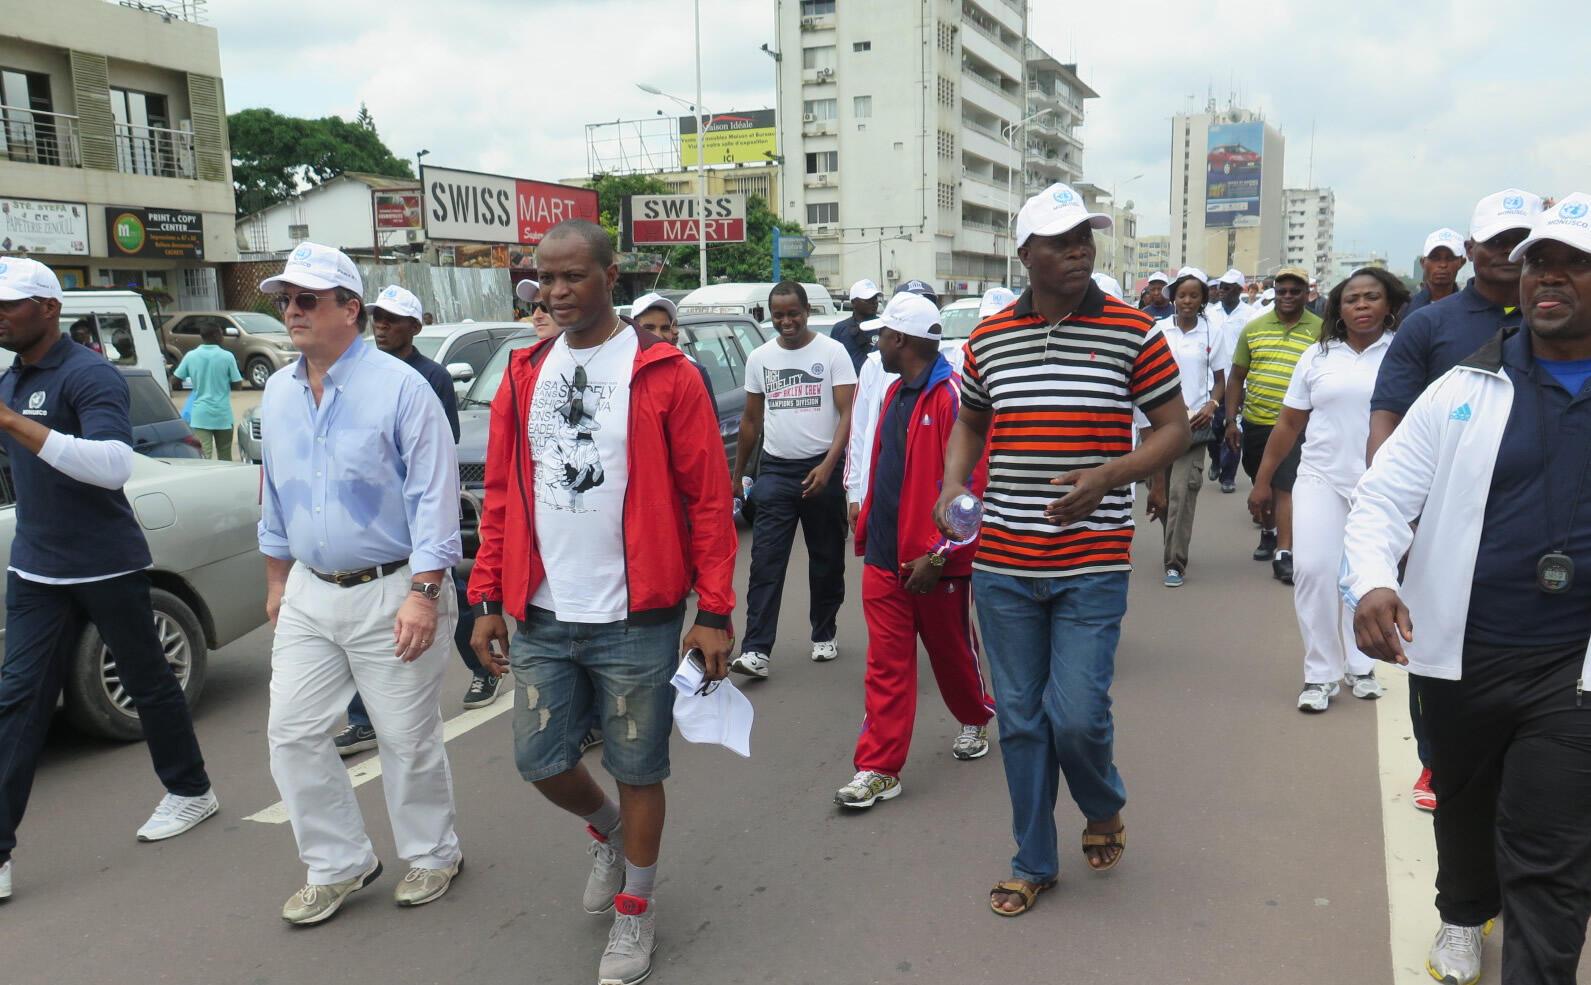 Le personnel de la Monusco participe à une marche de santé organisée par le ministère des Affaires étrangères à Kinshasa (RDC) lors du 70e anniversaire des Nations unies.